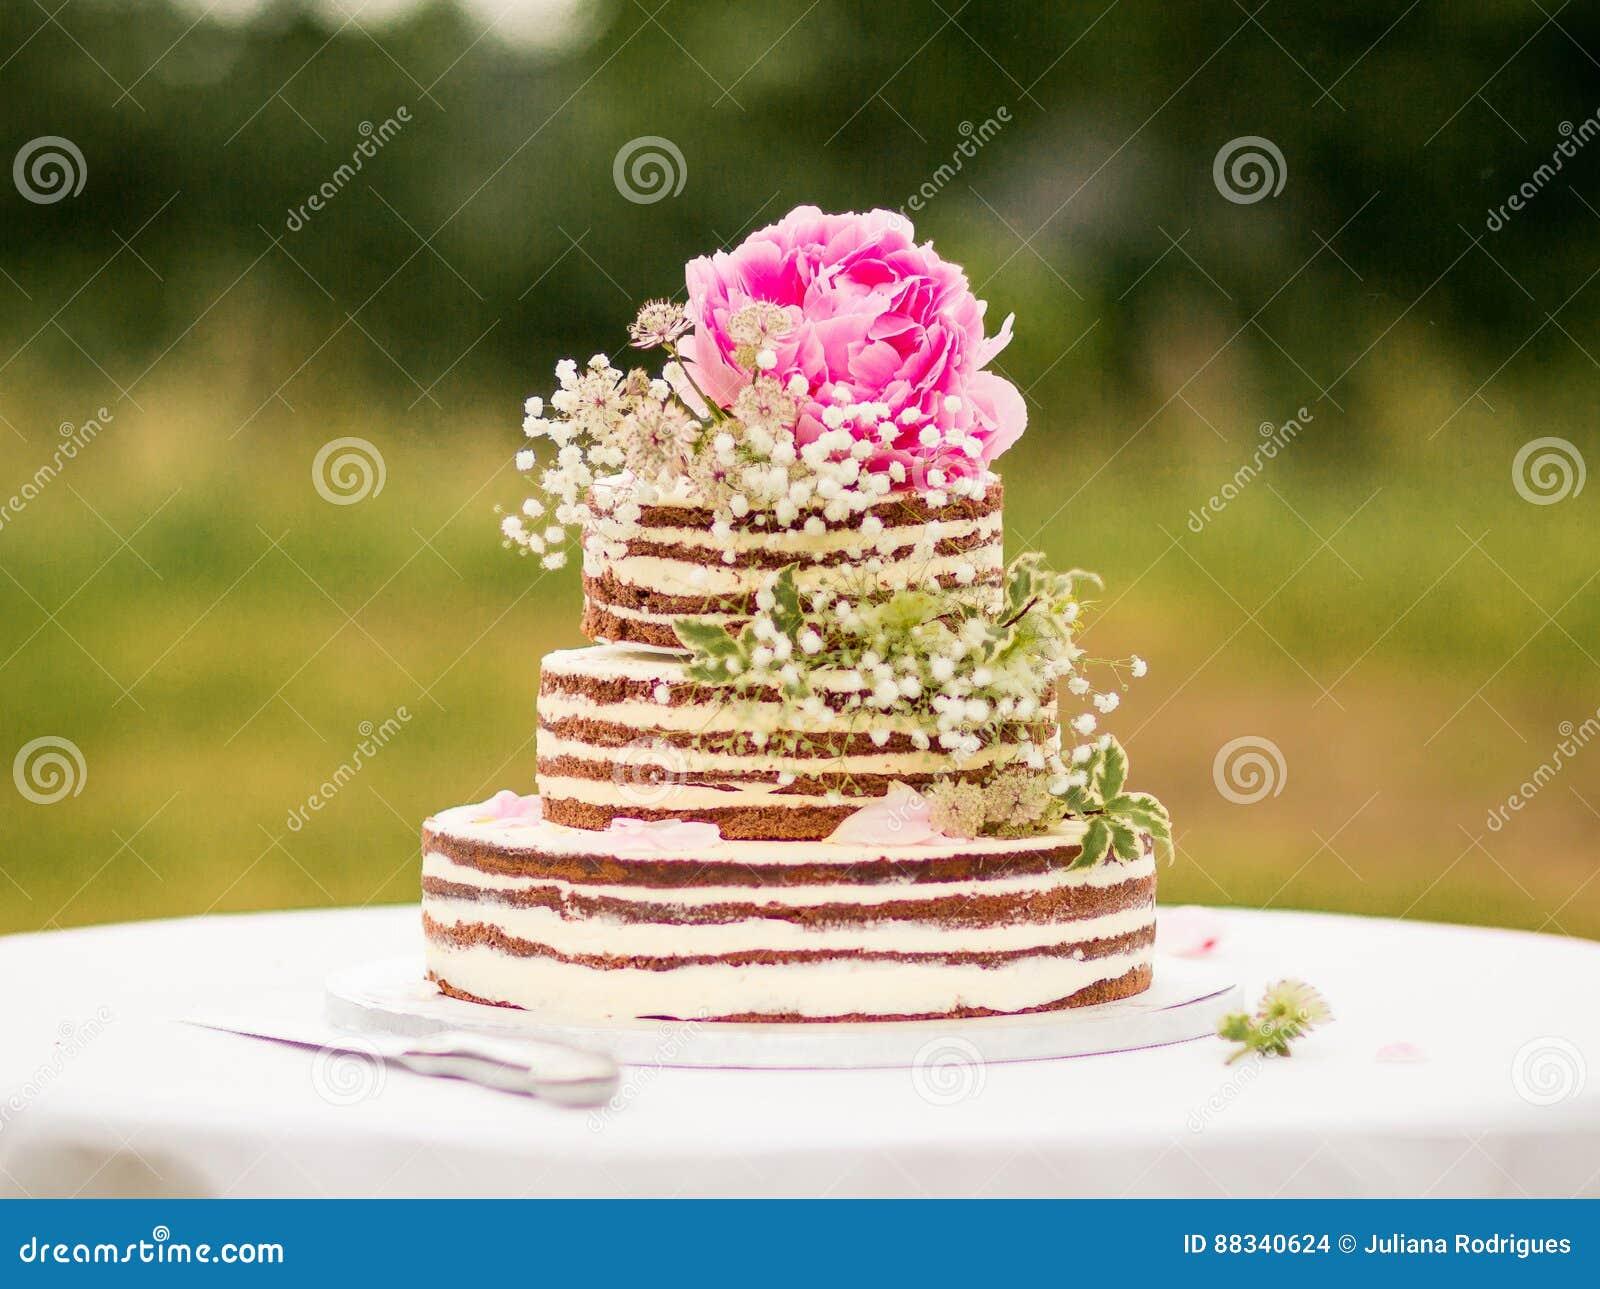 Naked cake stock photo. Image of decoration, cream, holidays - 88340624